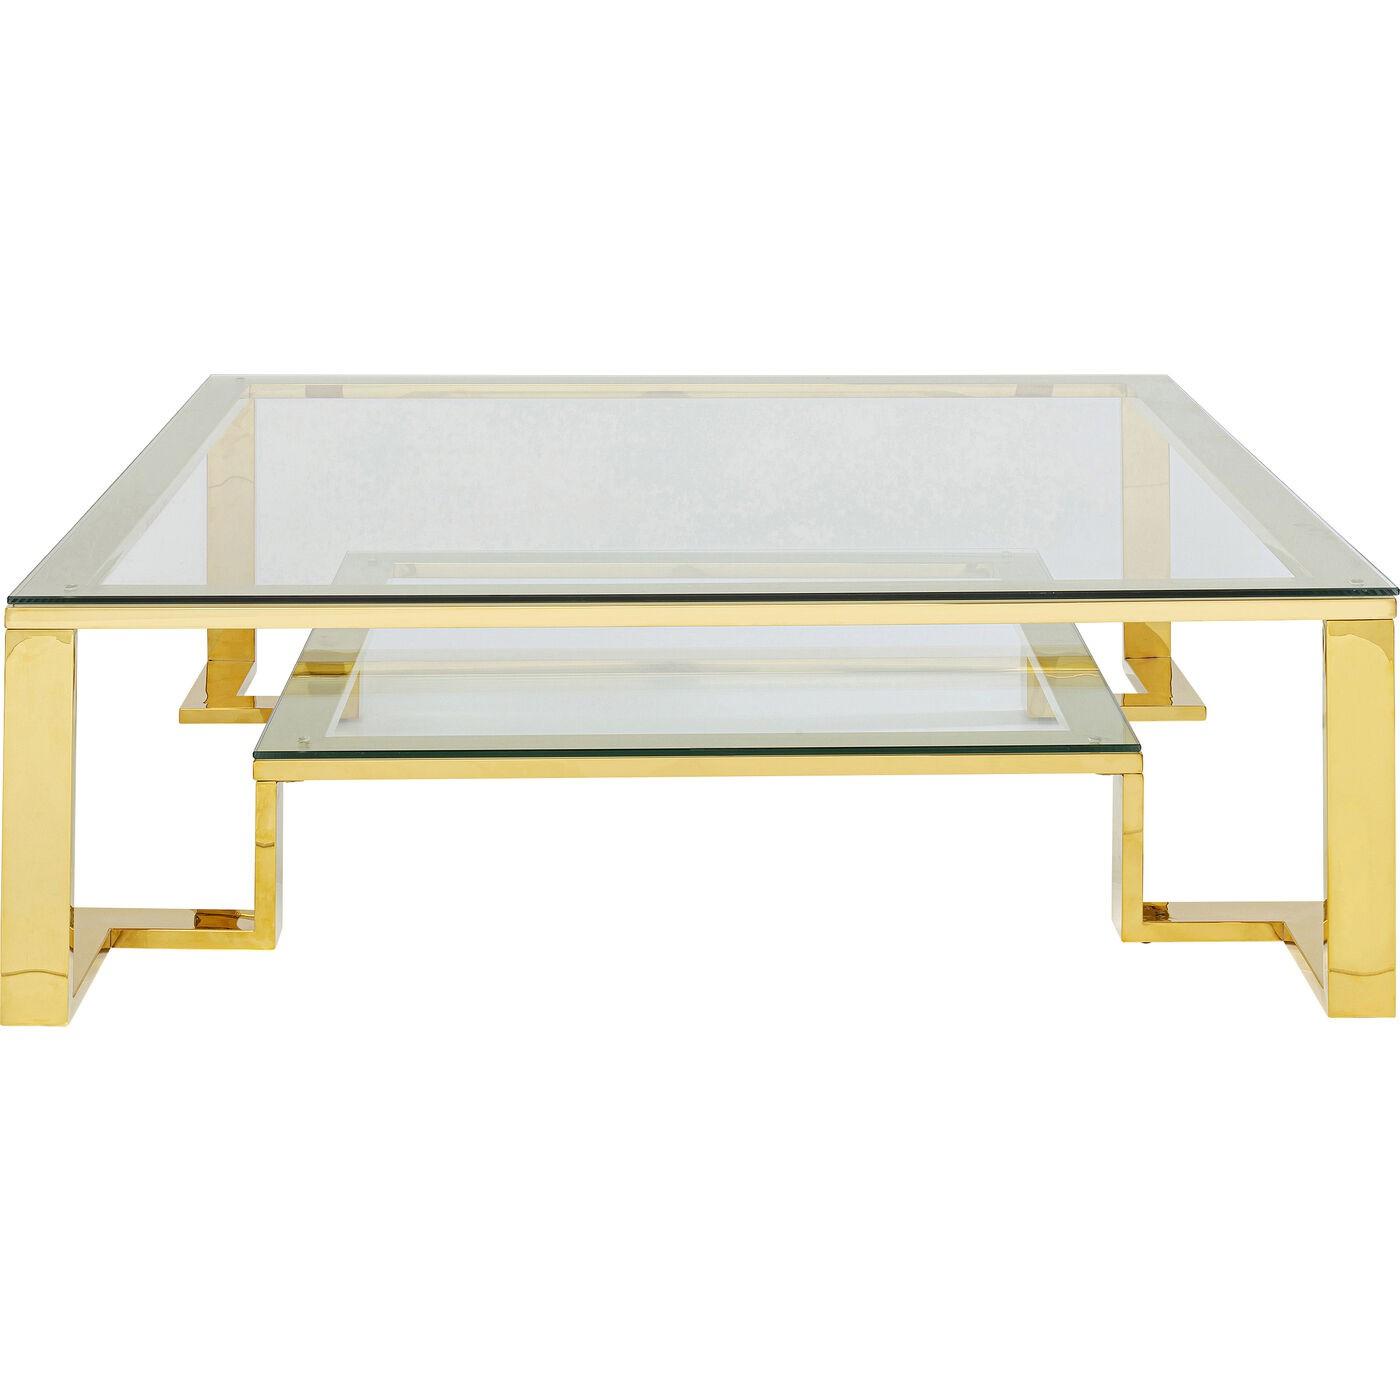 Table basse carrée en acier doré et verre